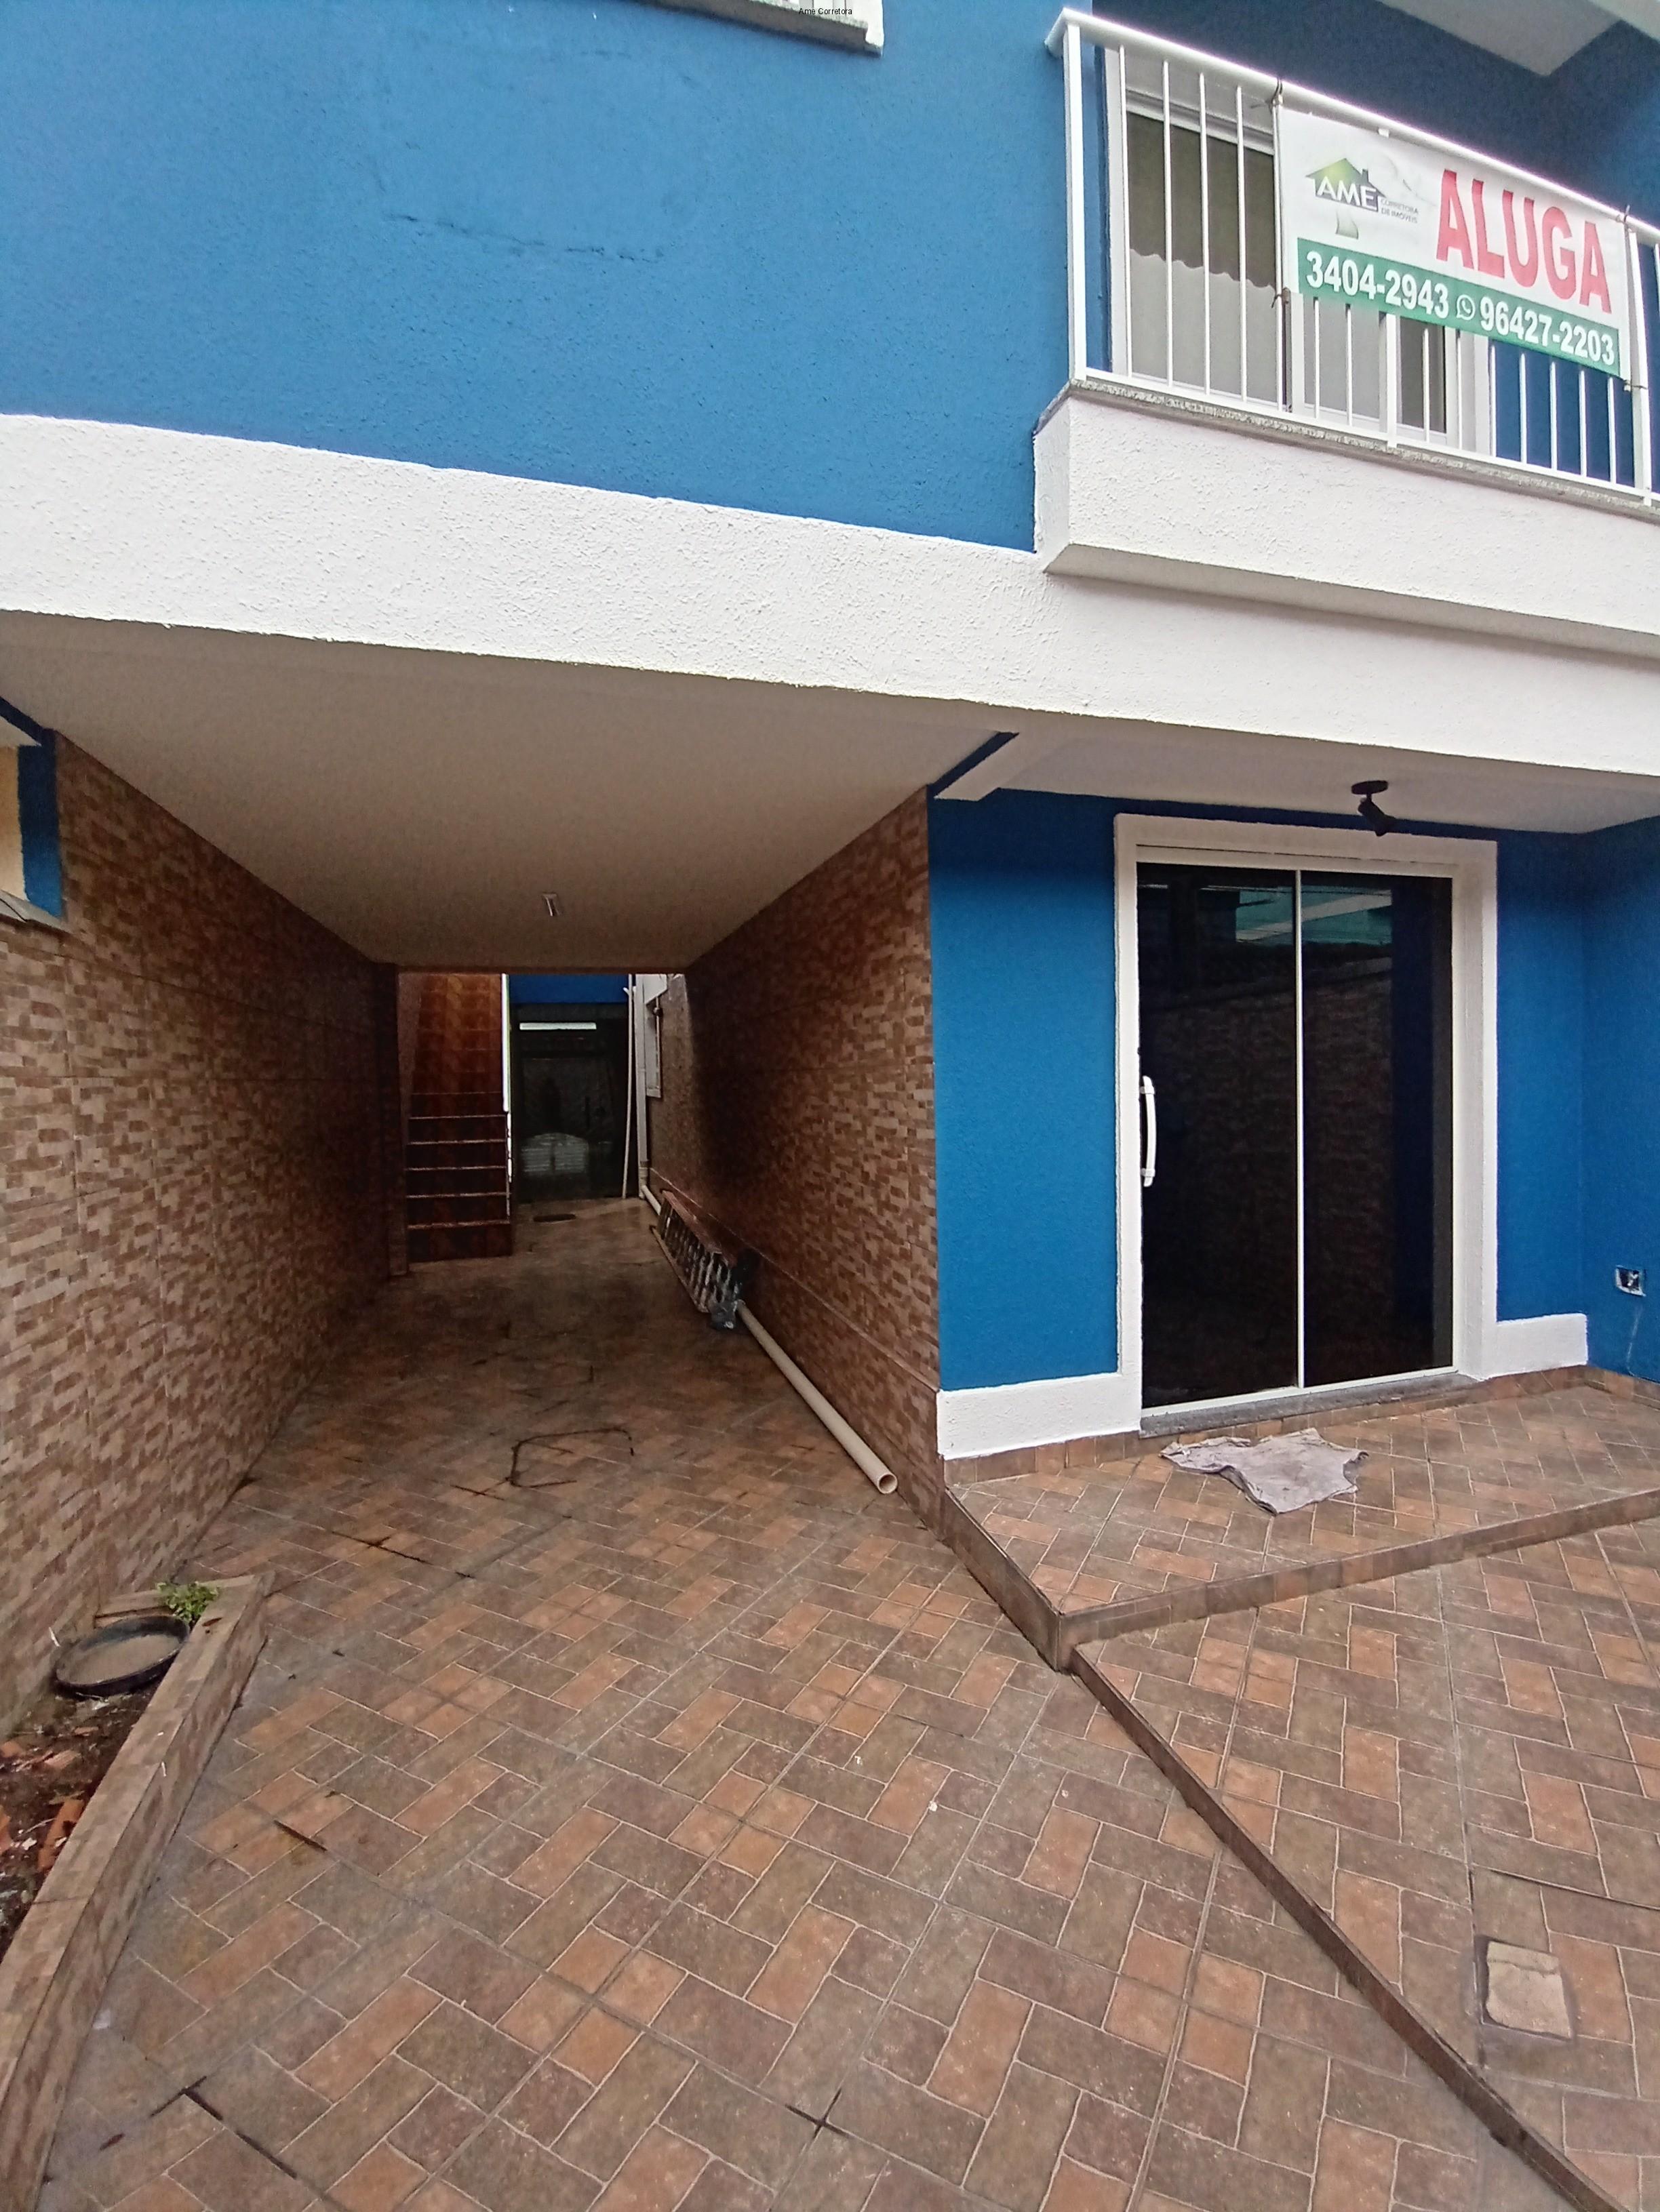 FOTO 01 - Casa 4 quartos para alugar Rio de Janeiro,RJ - R$ 2.000 - CA00859 - 1